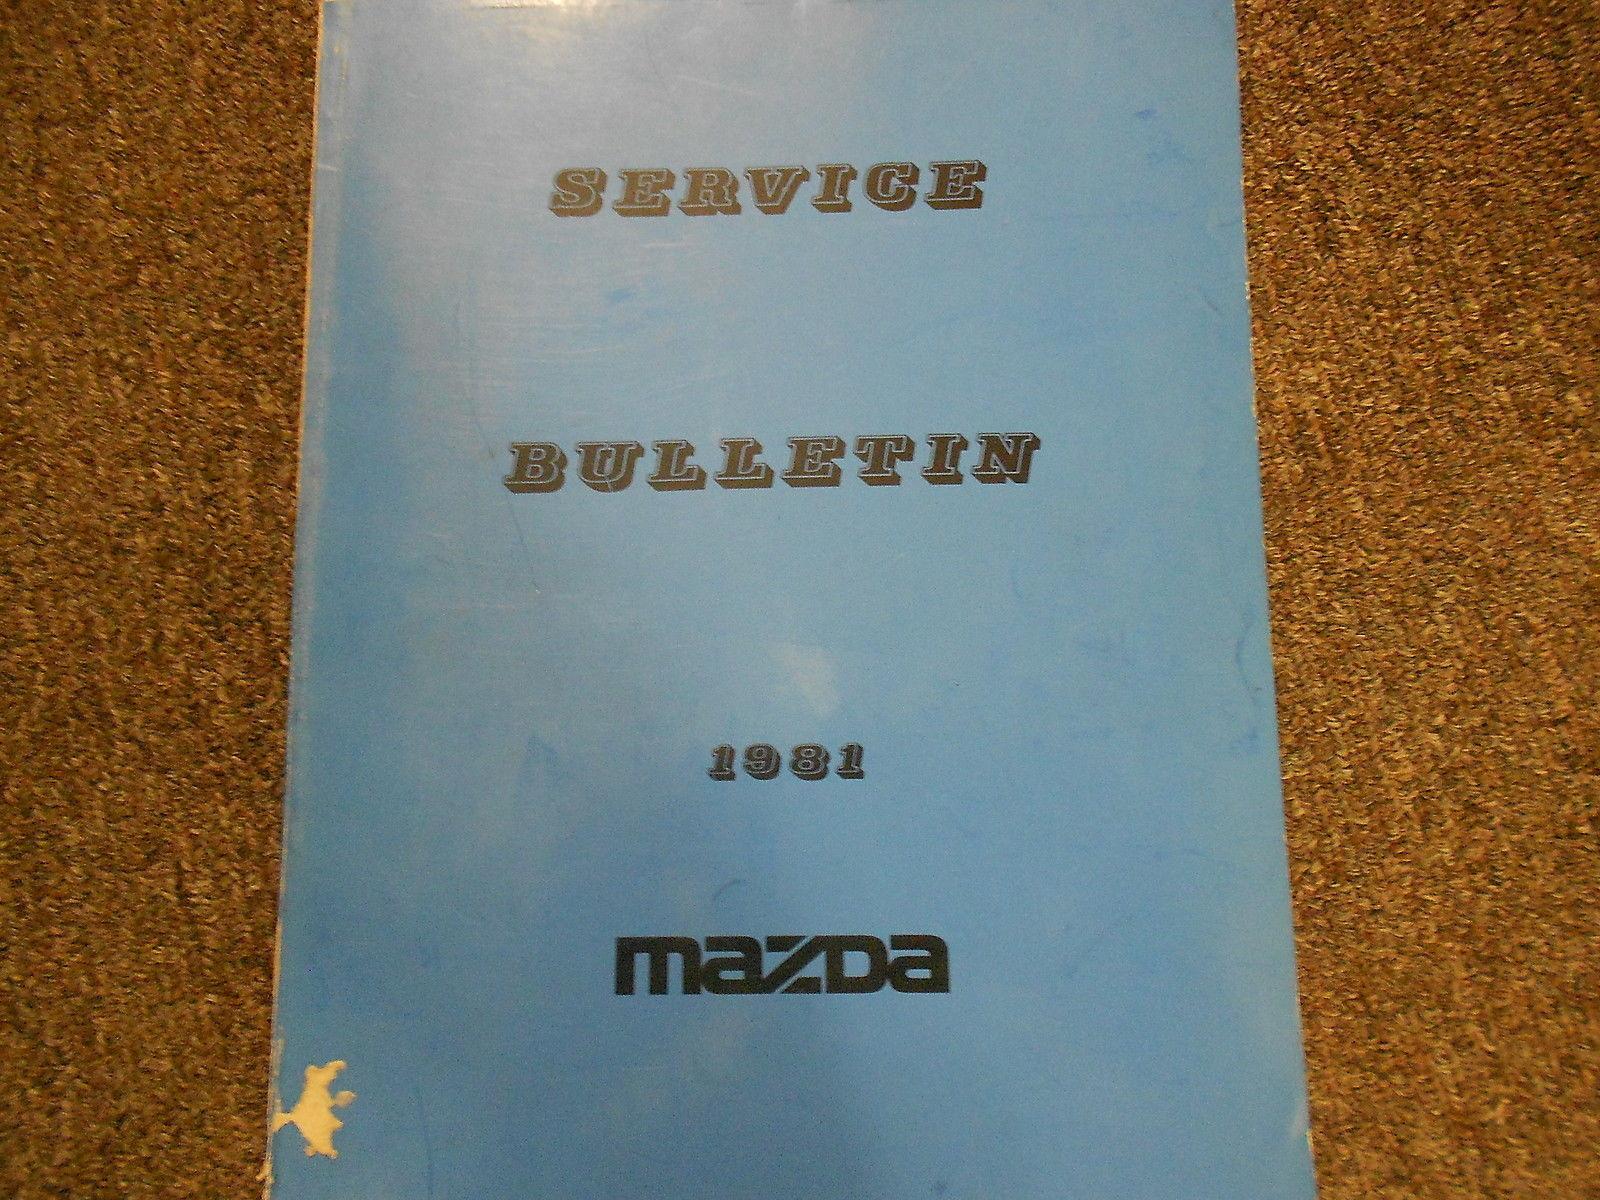 1981 Mazda Service Bulletins Service Repair Shop Manual FACTORY OEM BOOK 81